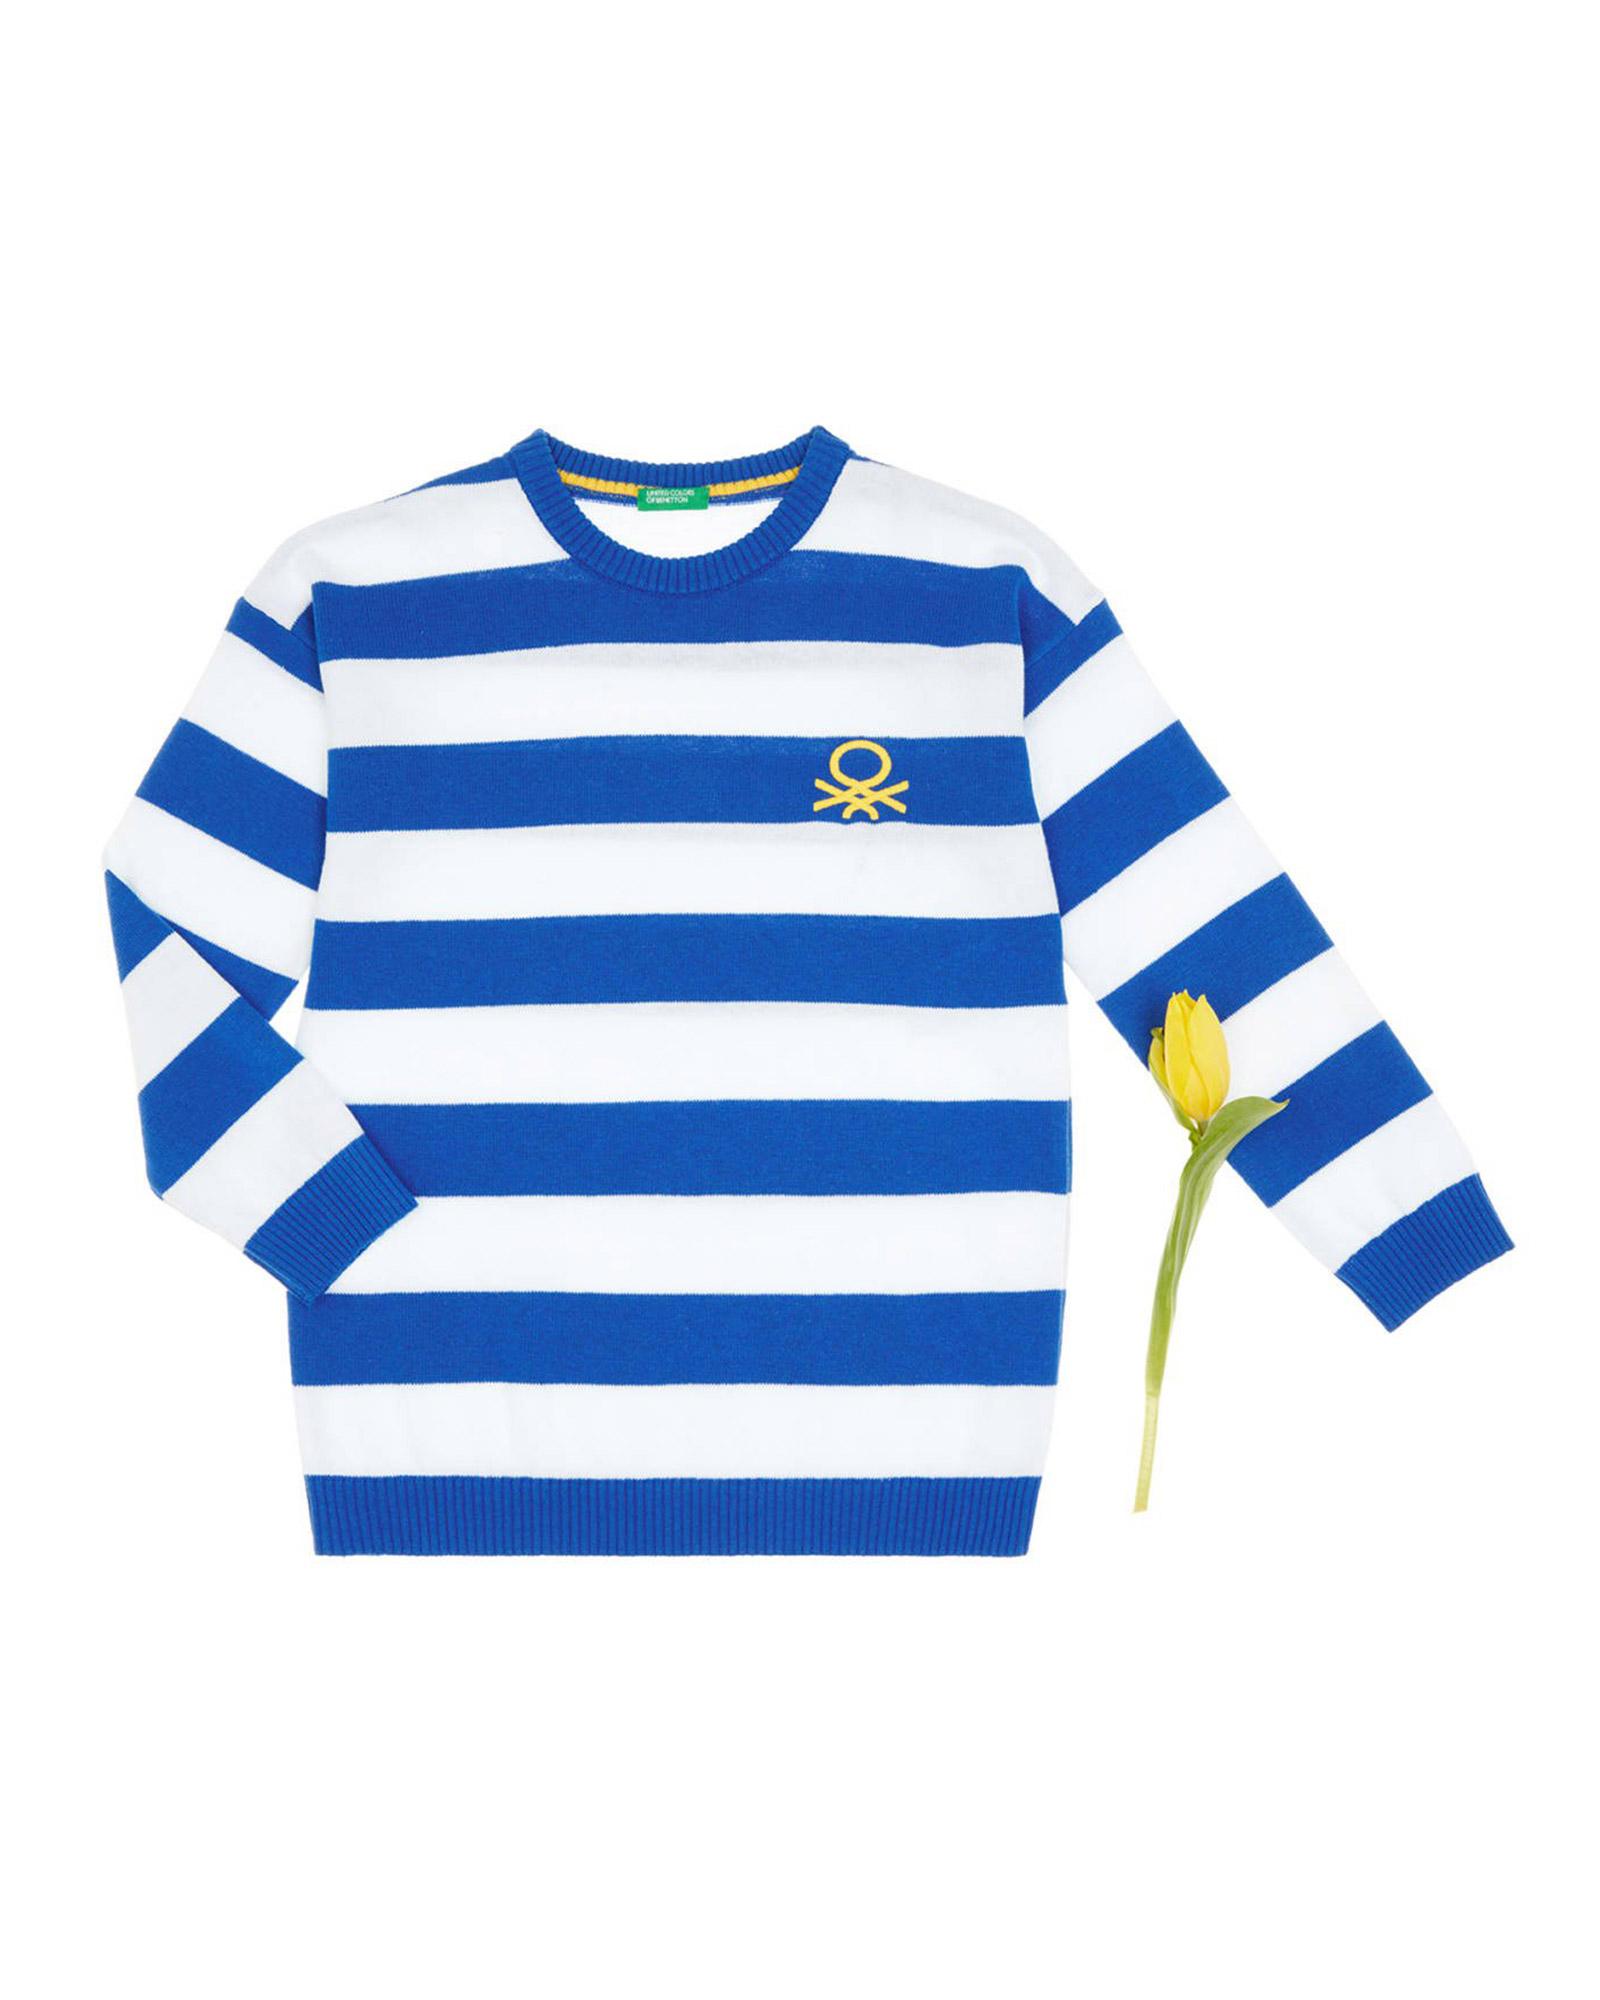 657b209249 Abbigliamento Bambino Collezione Bimbi 2019| Benetton